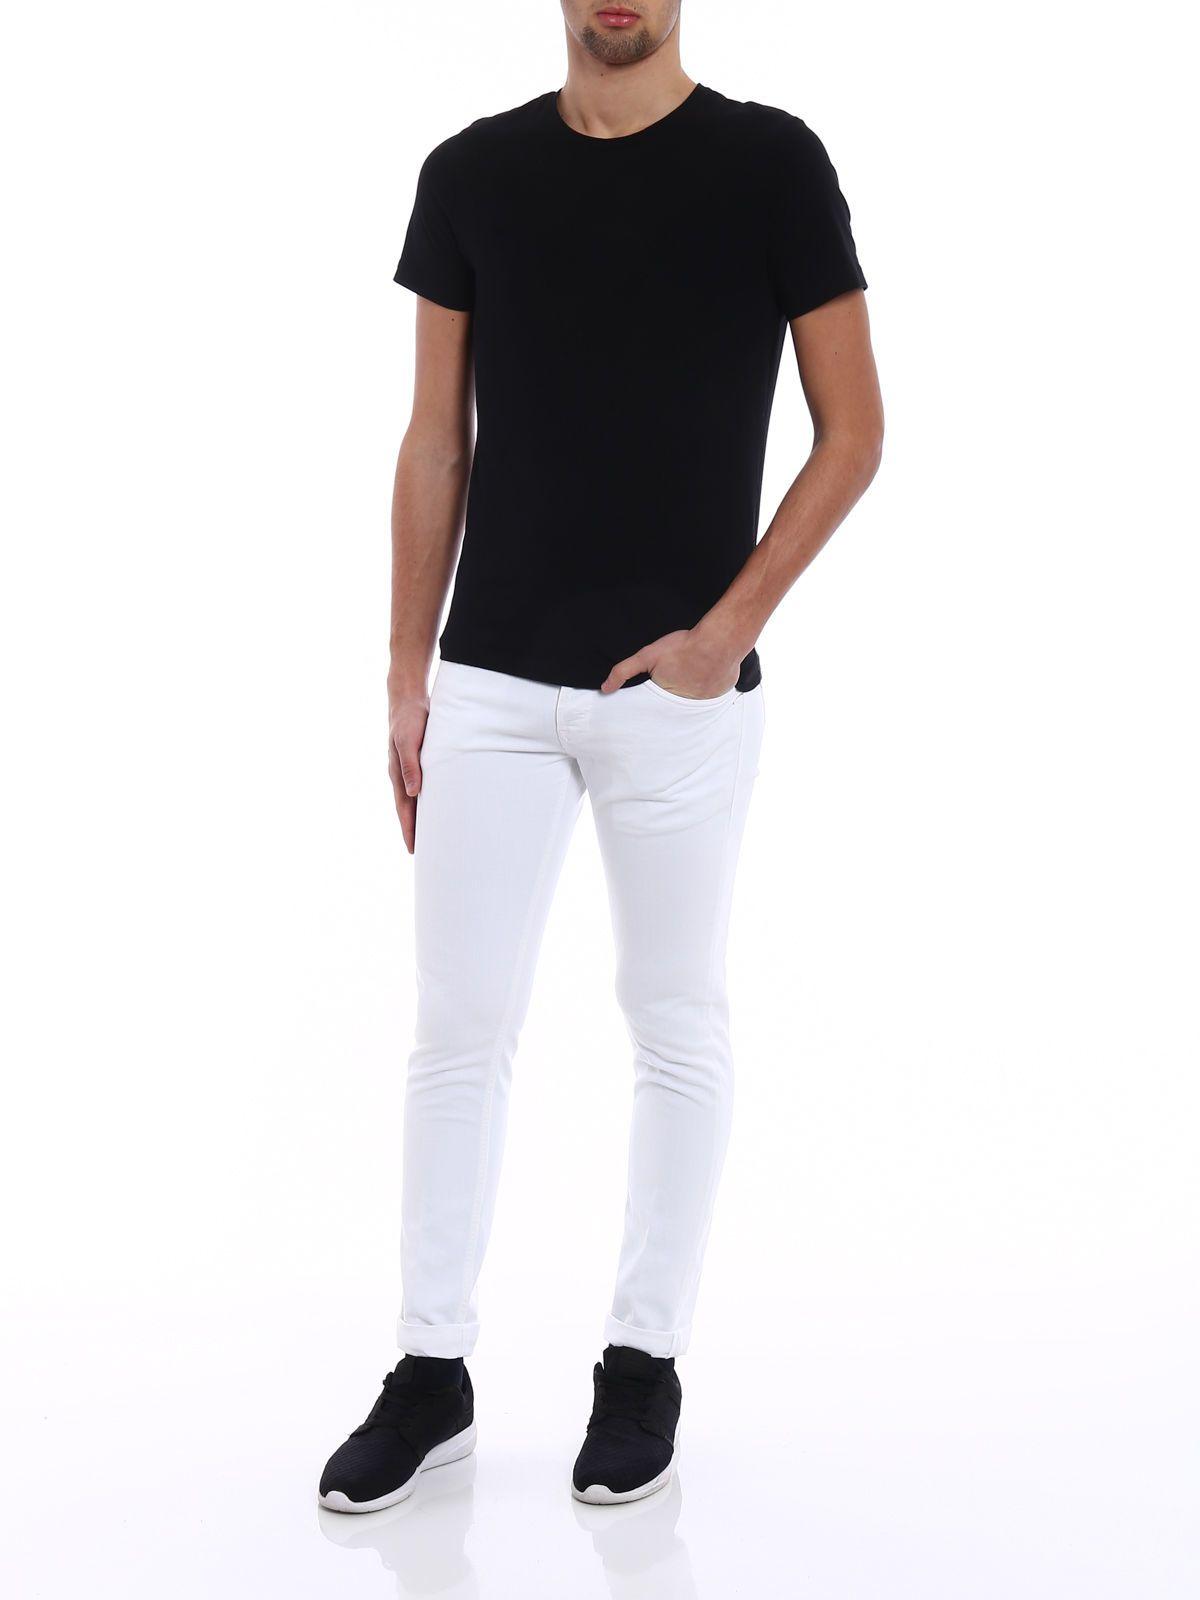 Pantalons Pour Les Hommes En Vente, Beige, Coton, 2017, 32 Dondup